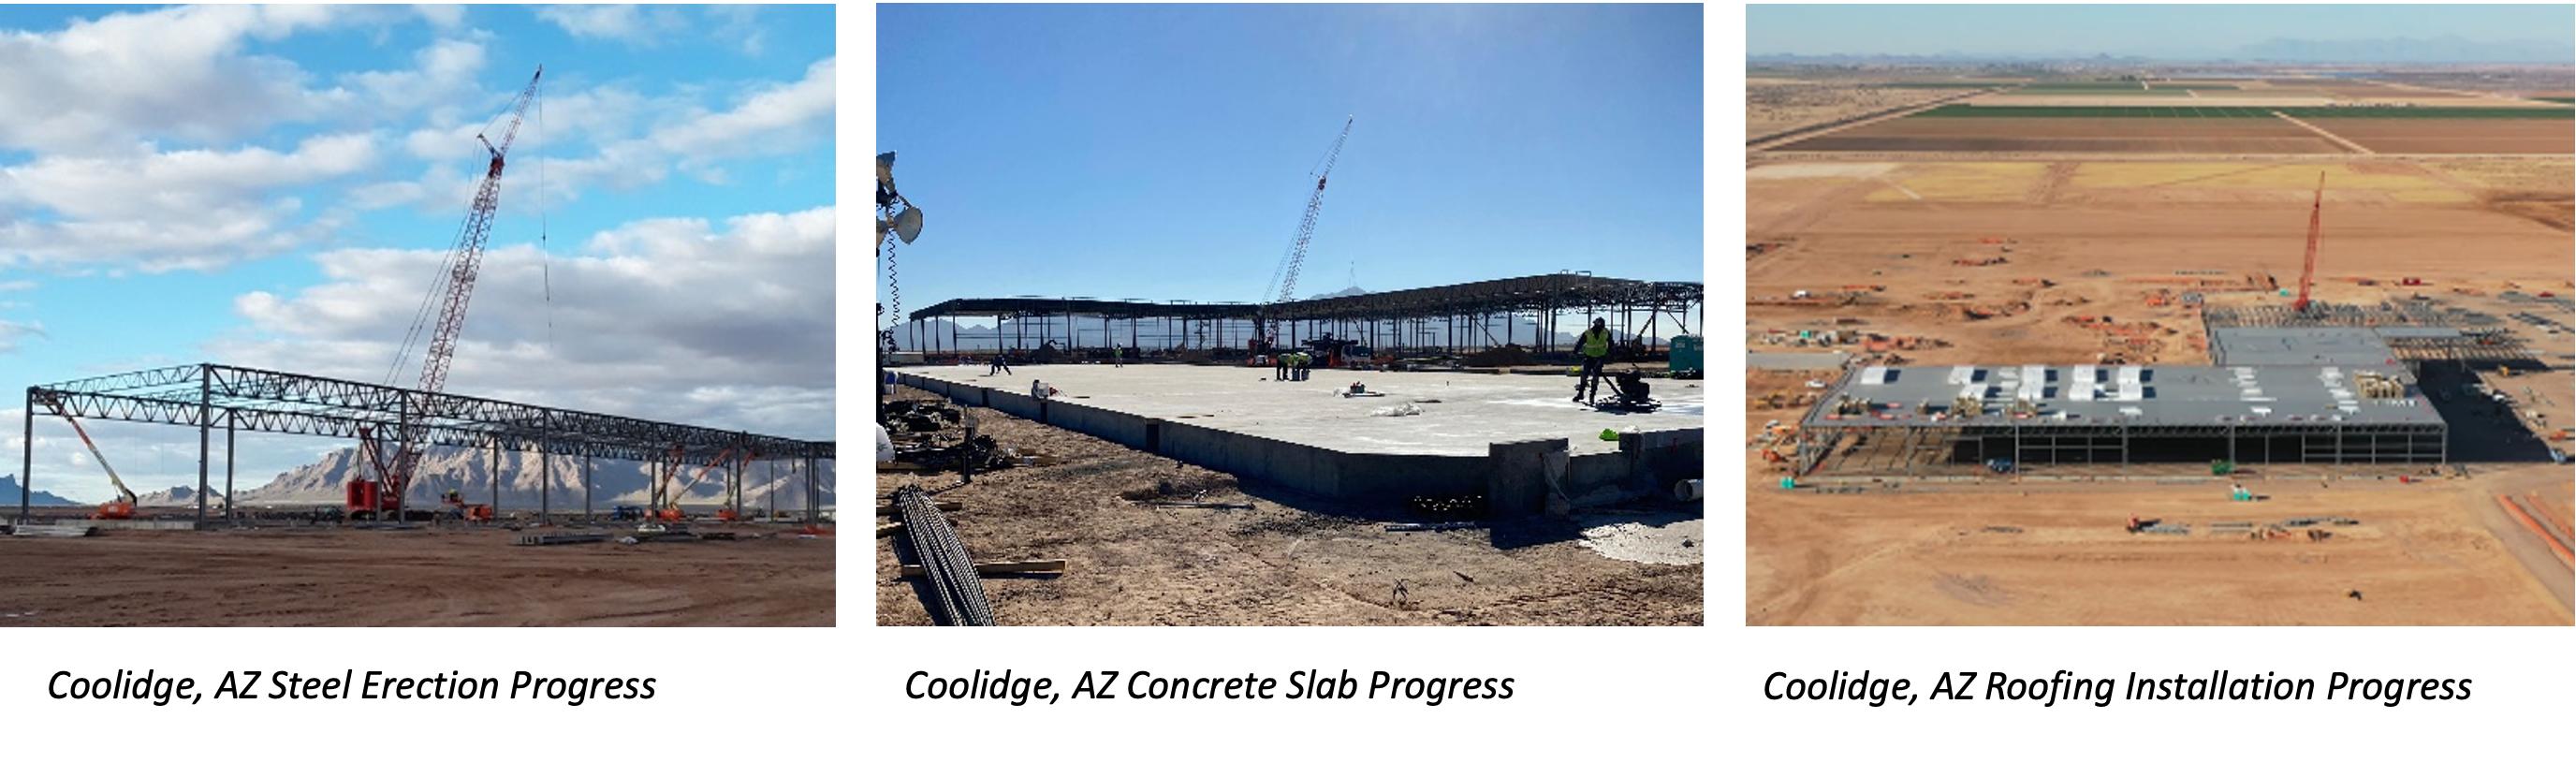 Coolidge Progress